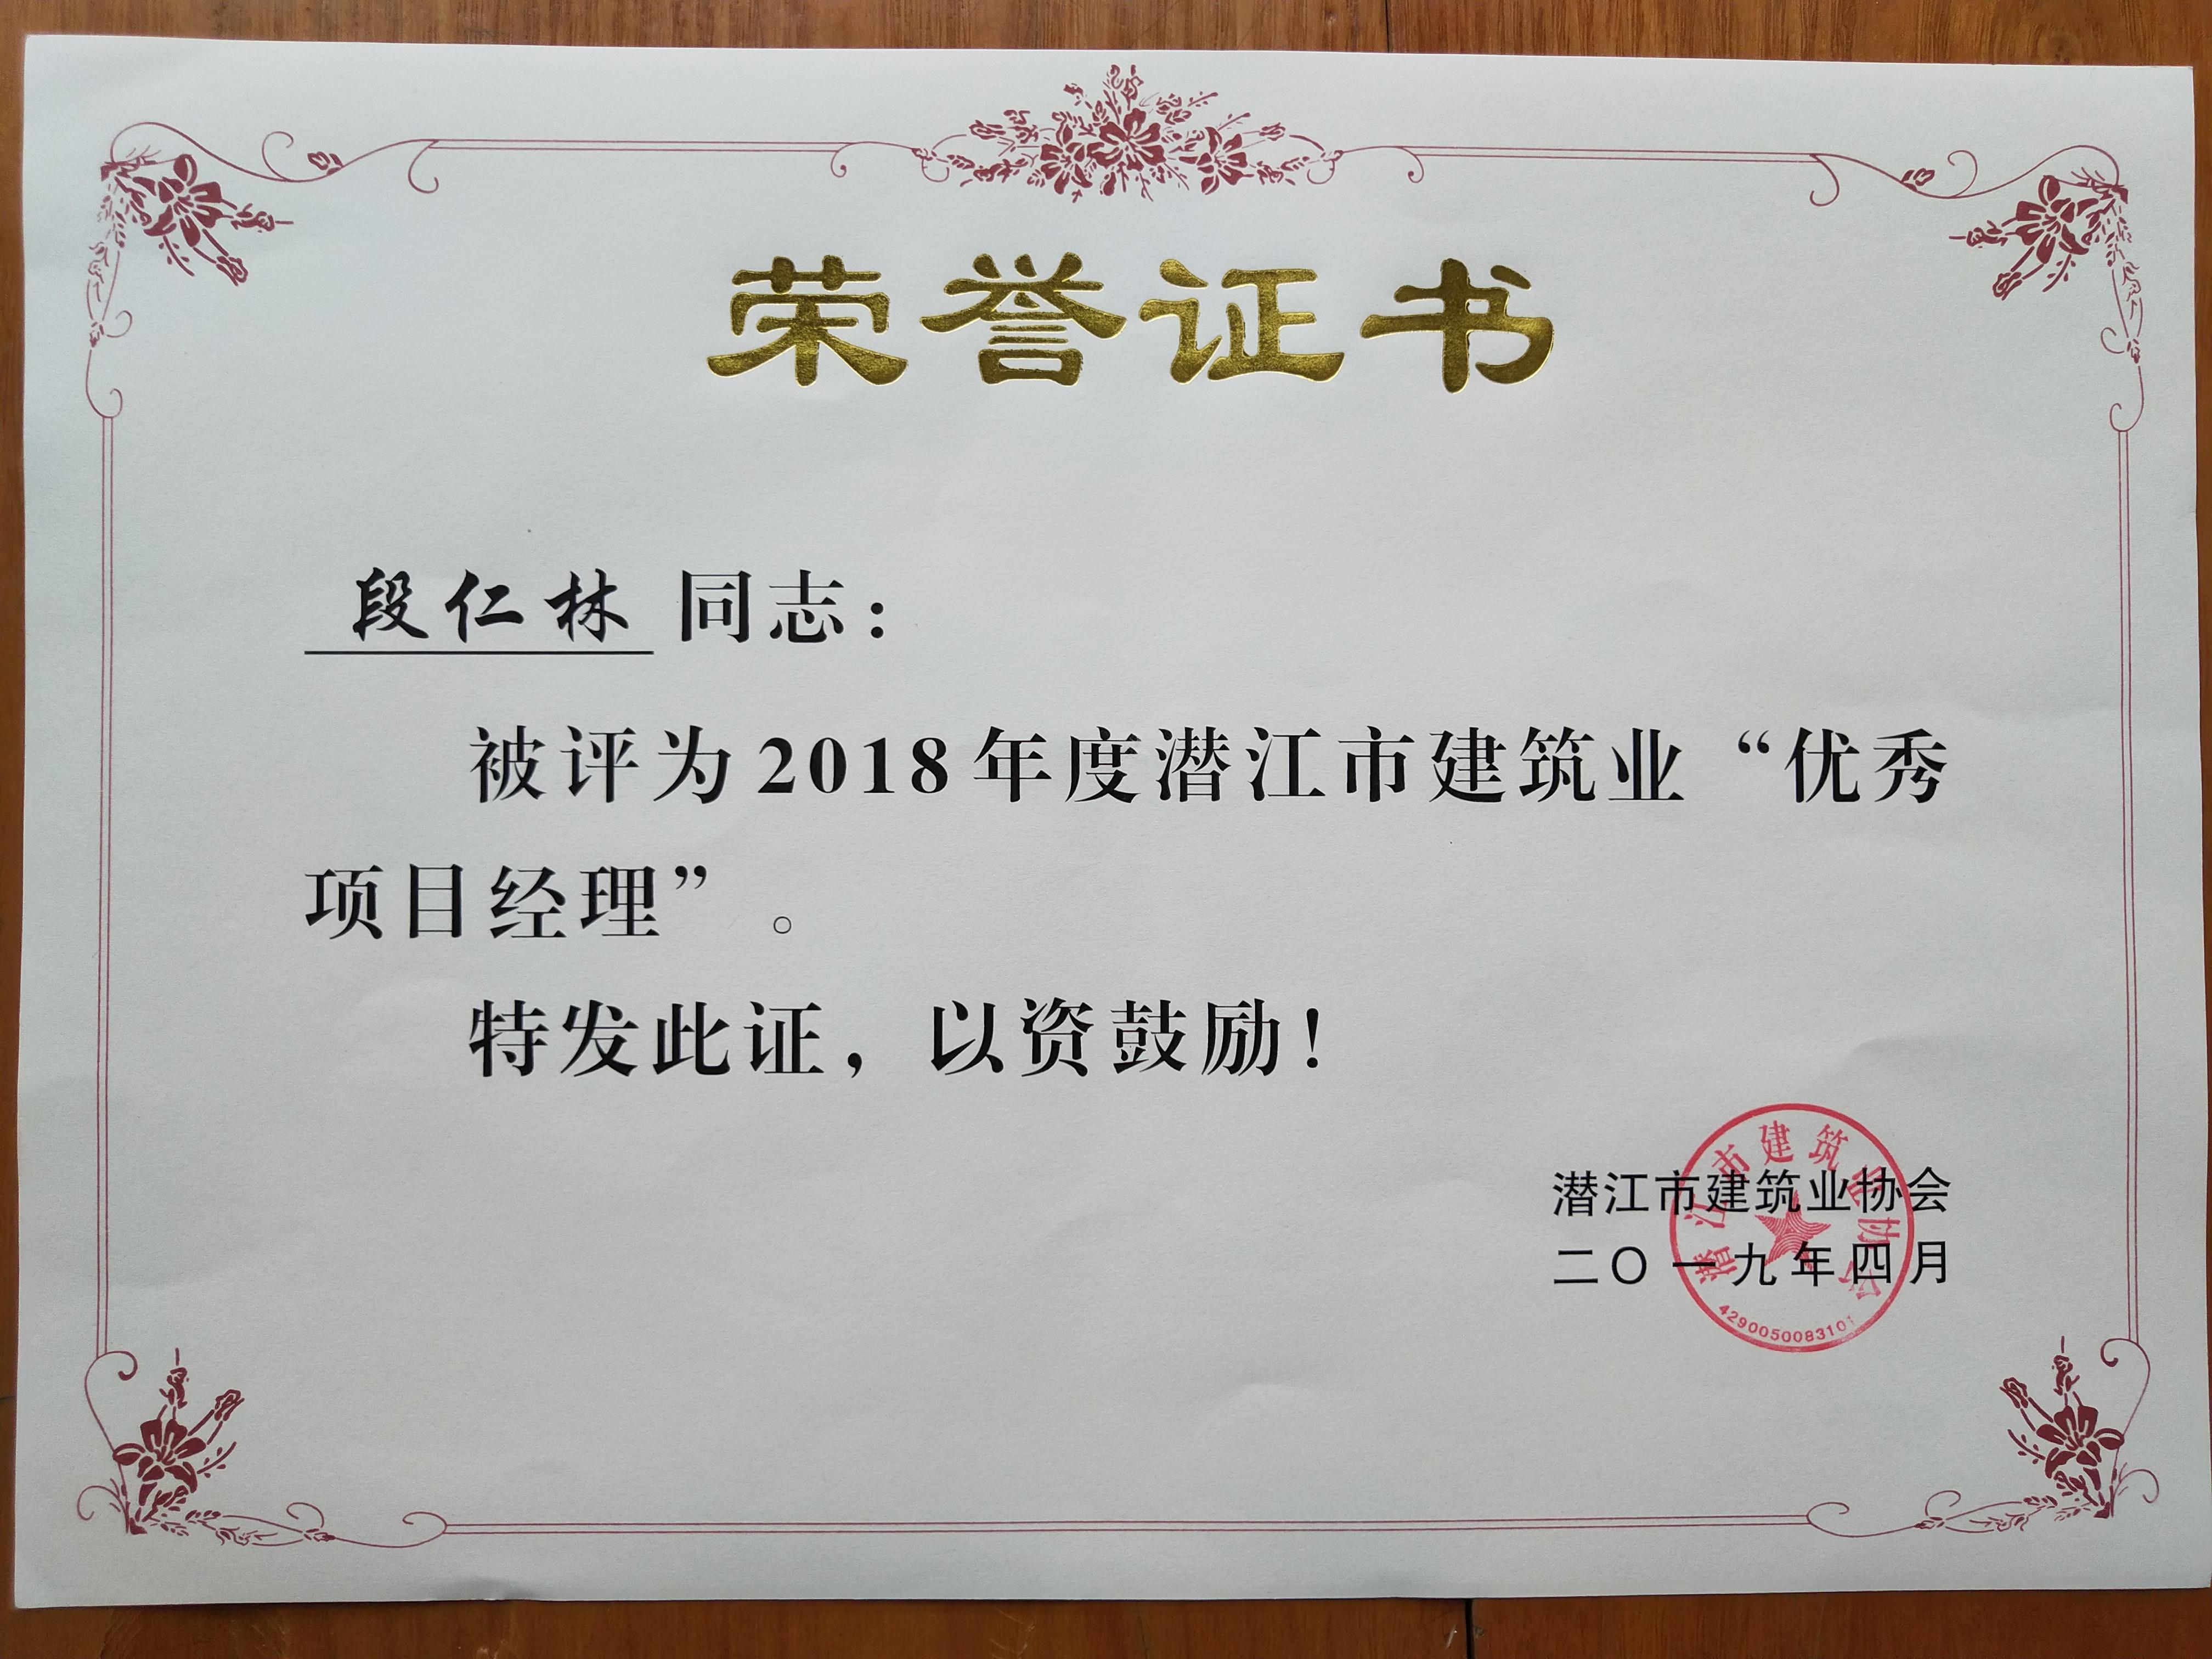 段仁林)2019優秀項目經理